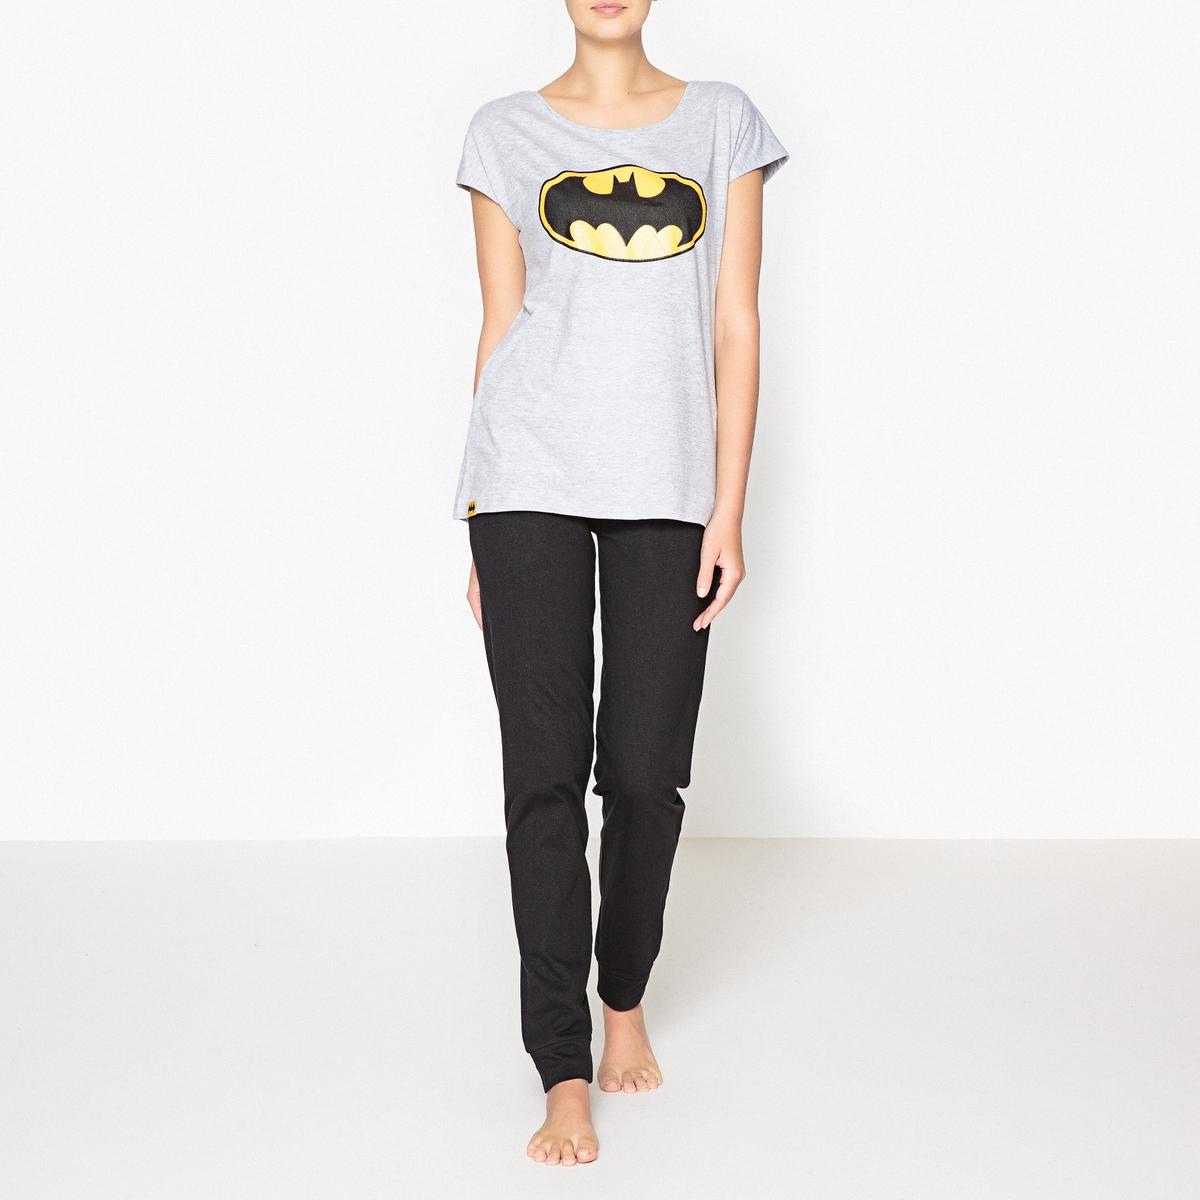 Пижама с принтом, BatmanПижама из хлопка с логотипом Бэтман для фанатов известного персонажа . Несравненный комфорт и графический рисунок . Состав и описаниеРаздельная пижама, верх с принтом, круглый вырез, короткие рукава  .Брюки с завязками и эластичным поясом  .Марка : Batman Материал : 95% хлопка, 5% полиэстераУход: :Машинная стирка при 30 °С на деликатном режиме с вещами схожих цветов.Стирать и гладить при низкой температуре с изнаночной стороны.Машинная сушка запрещена.<br><br>Цвет: черный/серый